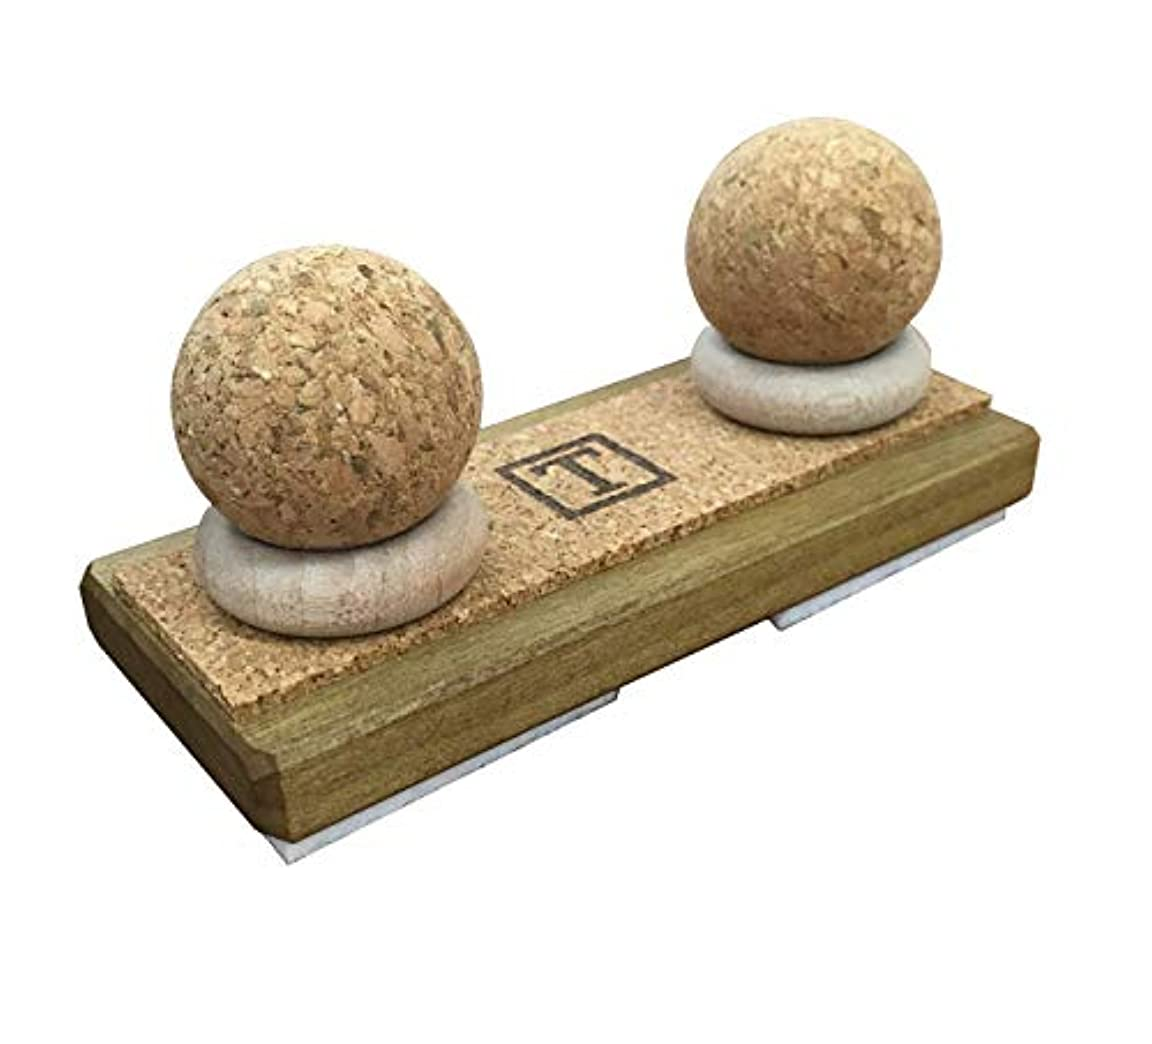 親密なバウンス着替える『揉みの木シリーズ 腰プロストレッチ Low Type』つぼ押しマッサージ器 背中下部 腰 セルフメンテナンスを強力にサポート